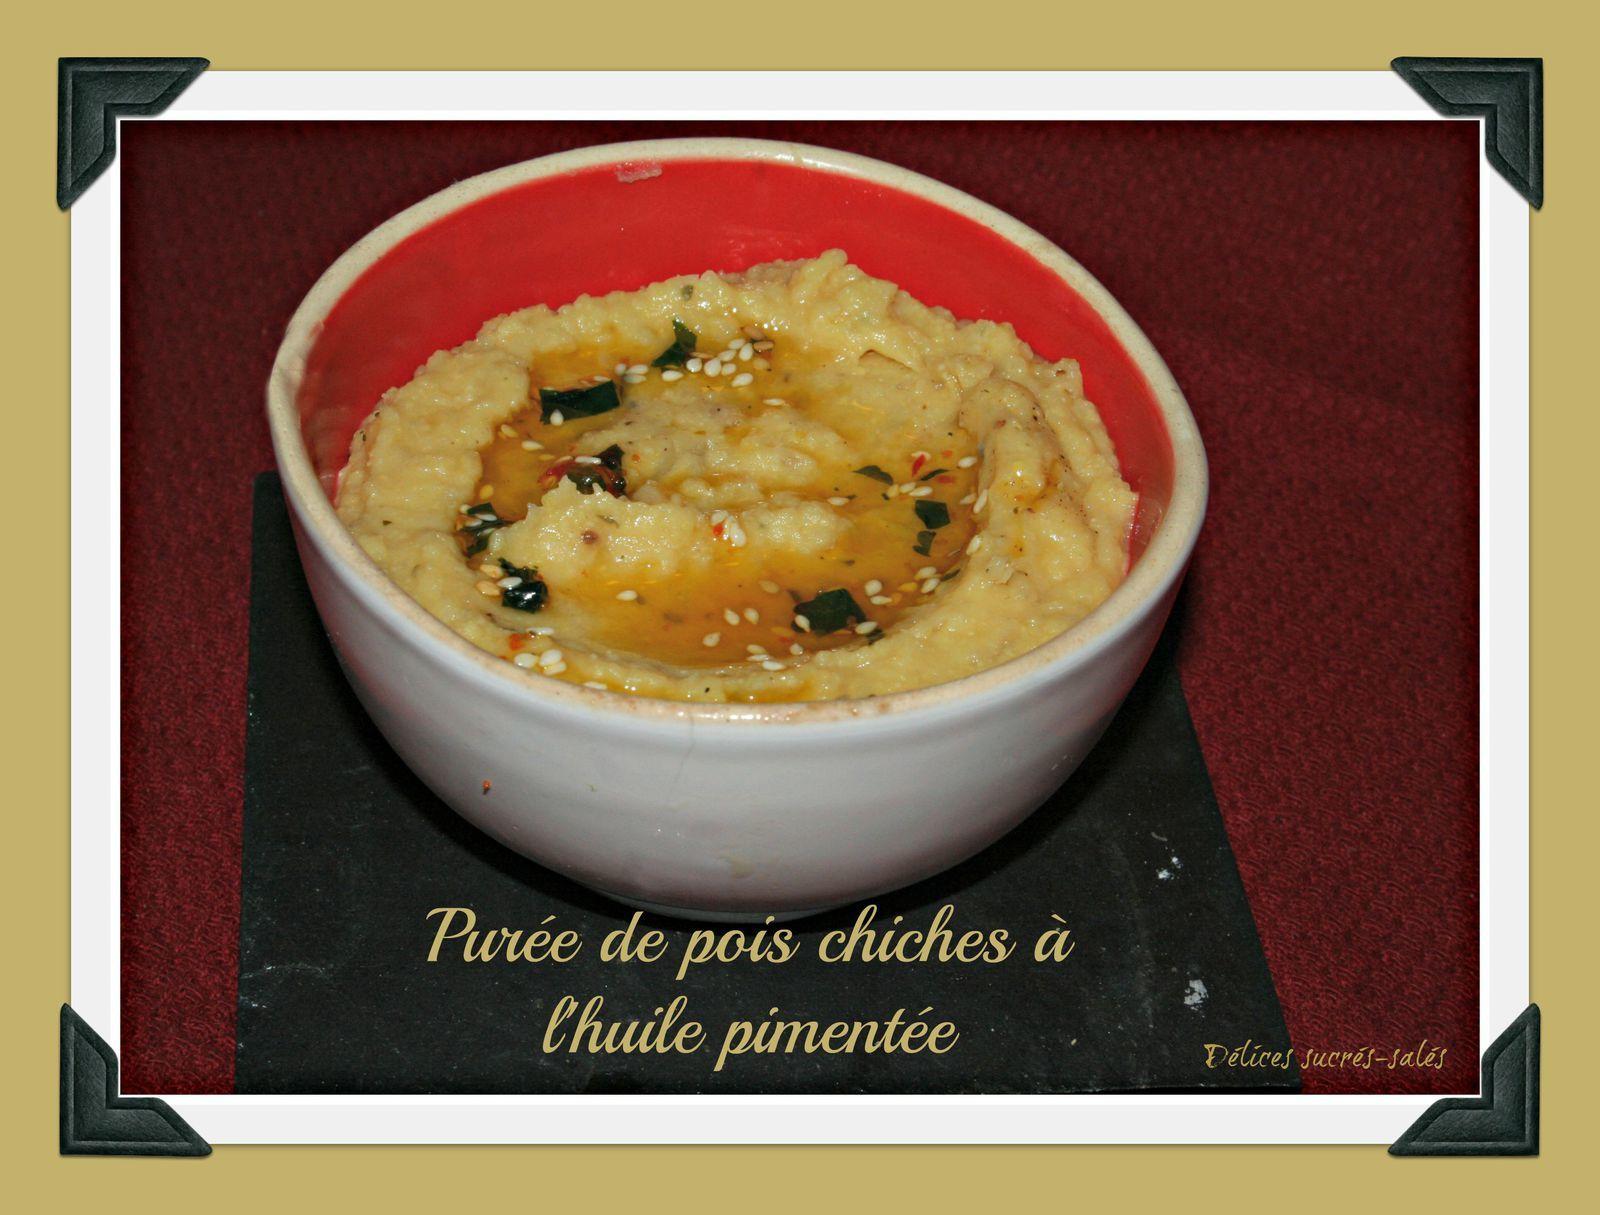 Purée de pois chiches à l'huile pimentée